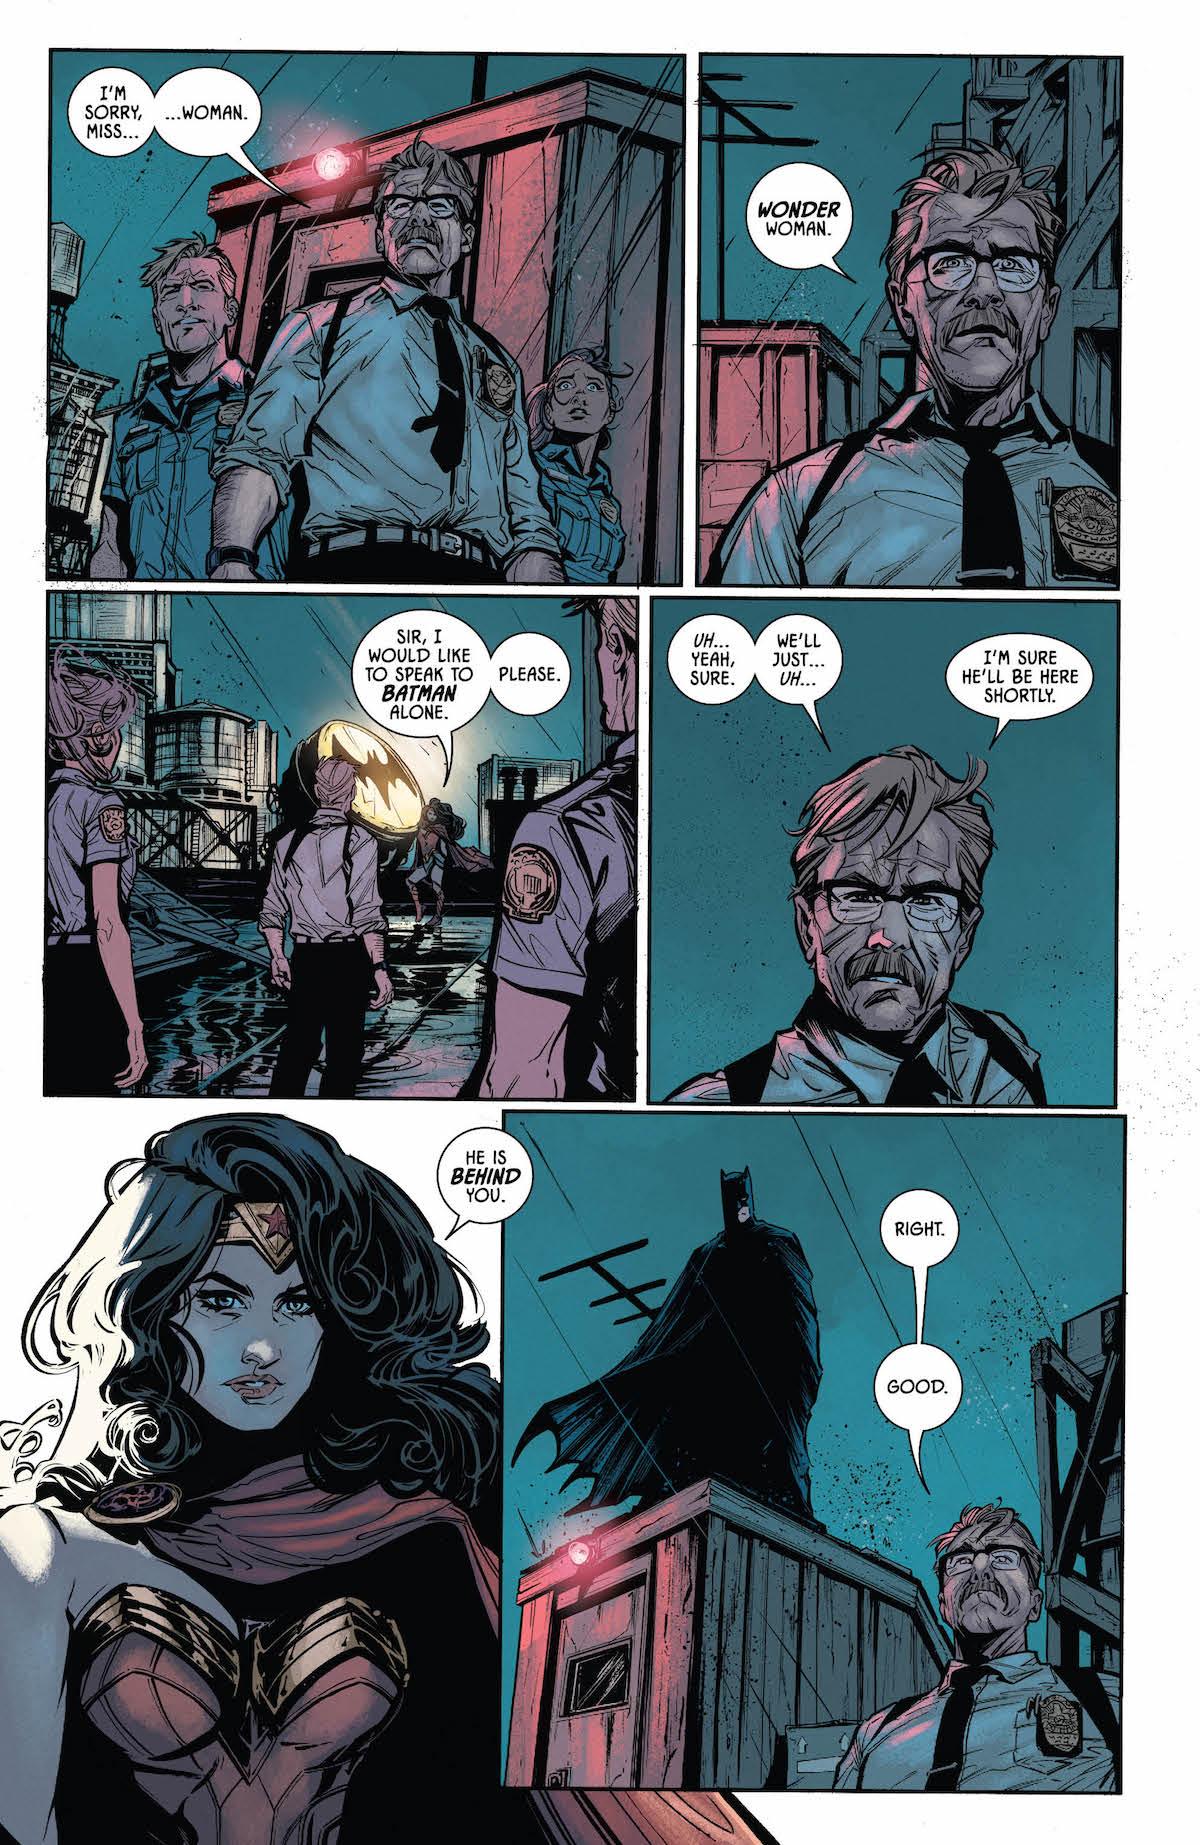 Batman #39, page 3